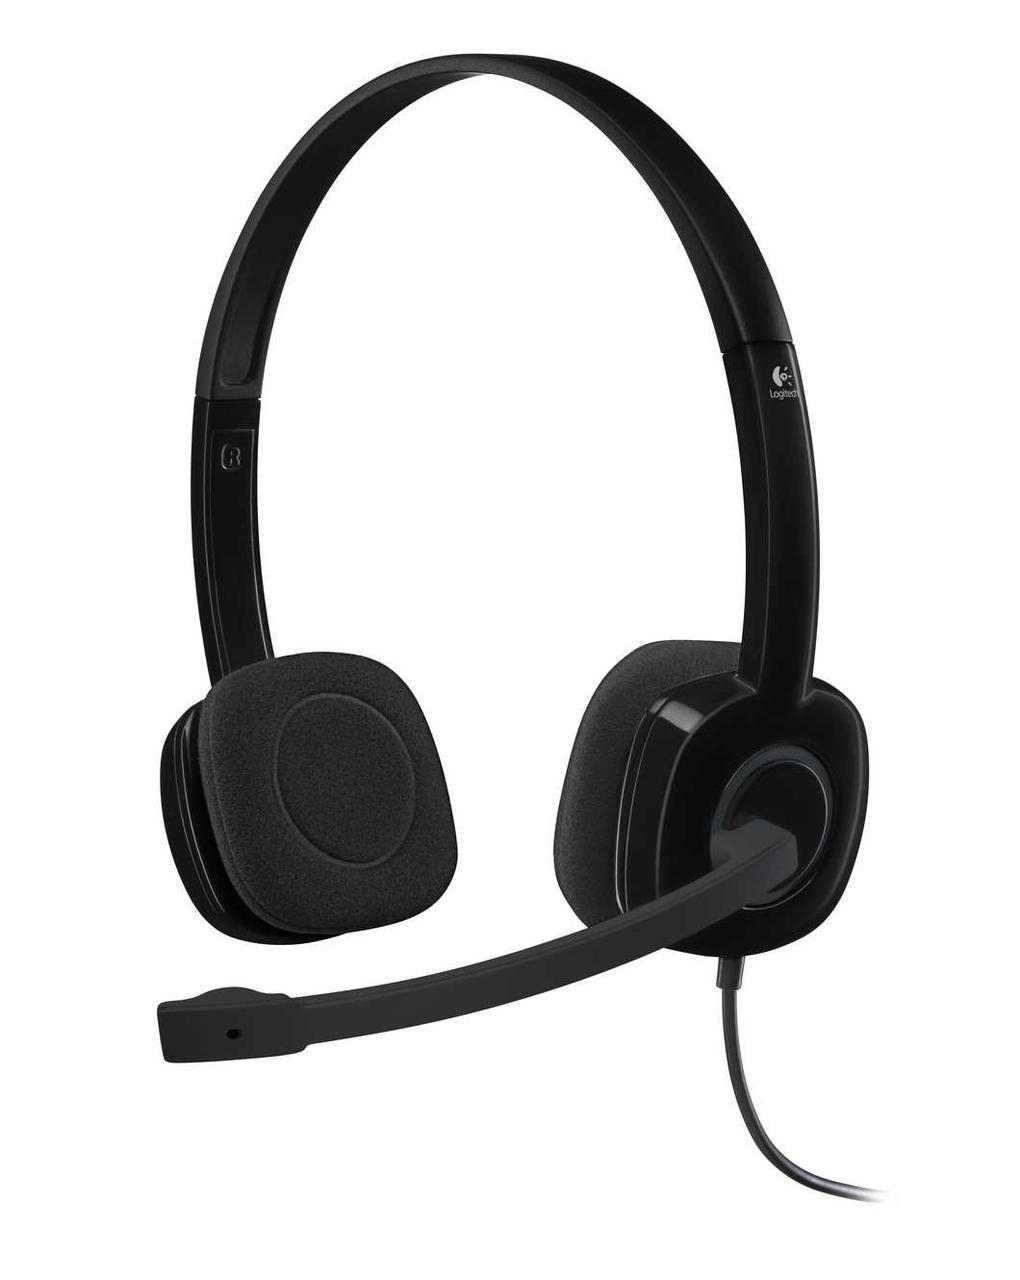 Logitech 981-000589 Stereo Headset H151 – EMEA - One Plug